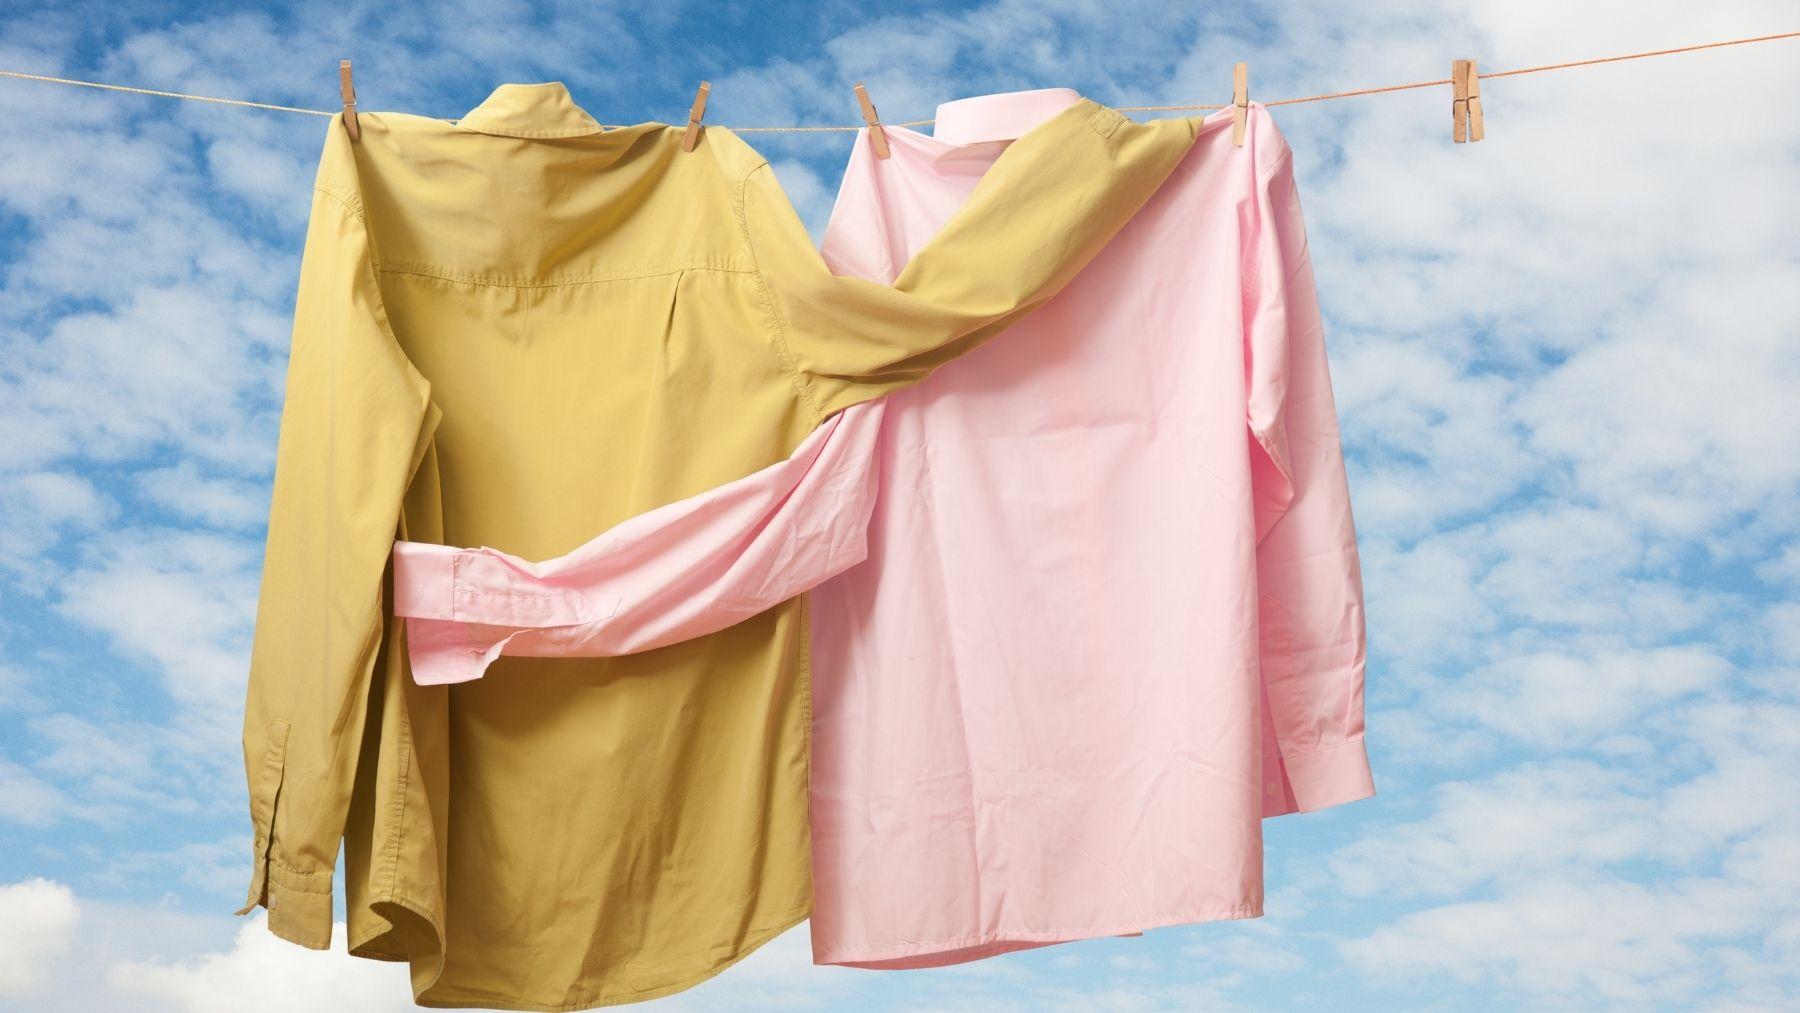 Cómo lavar en seco prendas delicadas